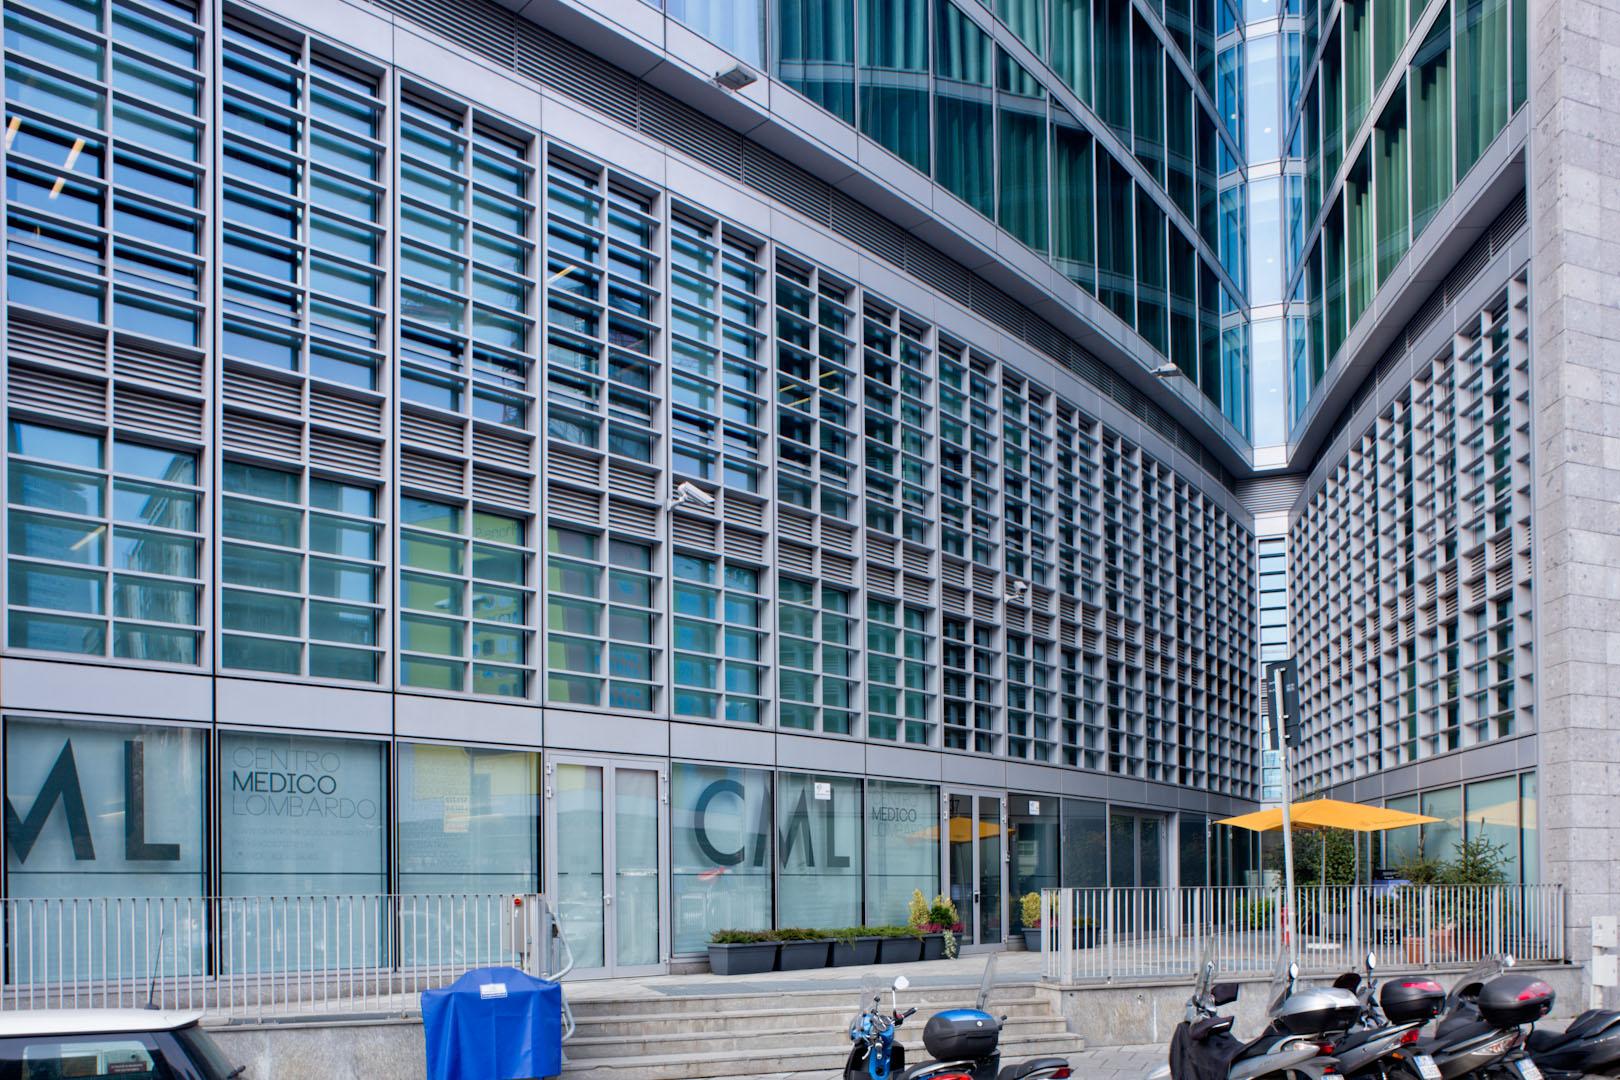 CML Centro Medico Lombardo | Servizio fotografico di architettura e interni